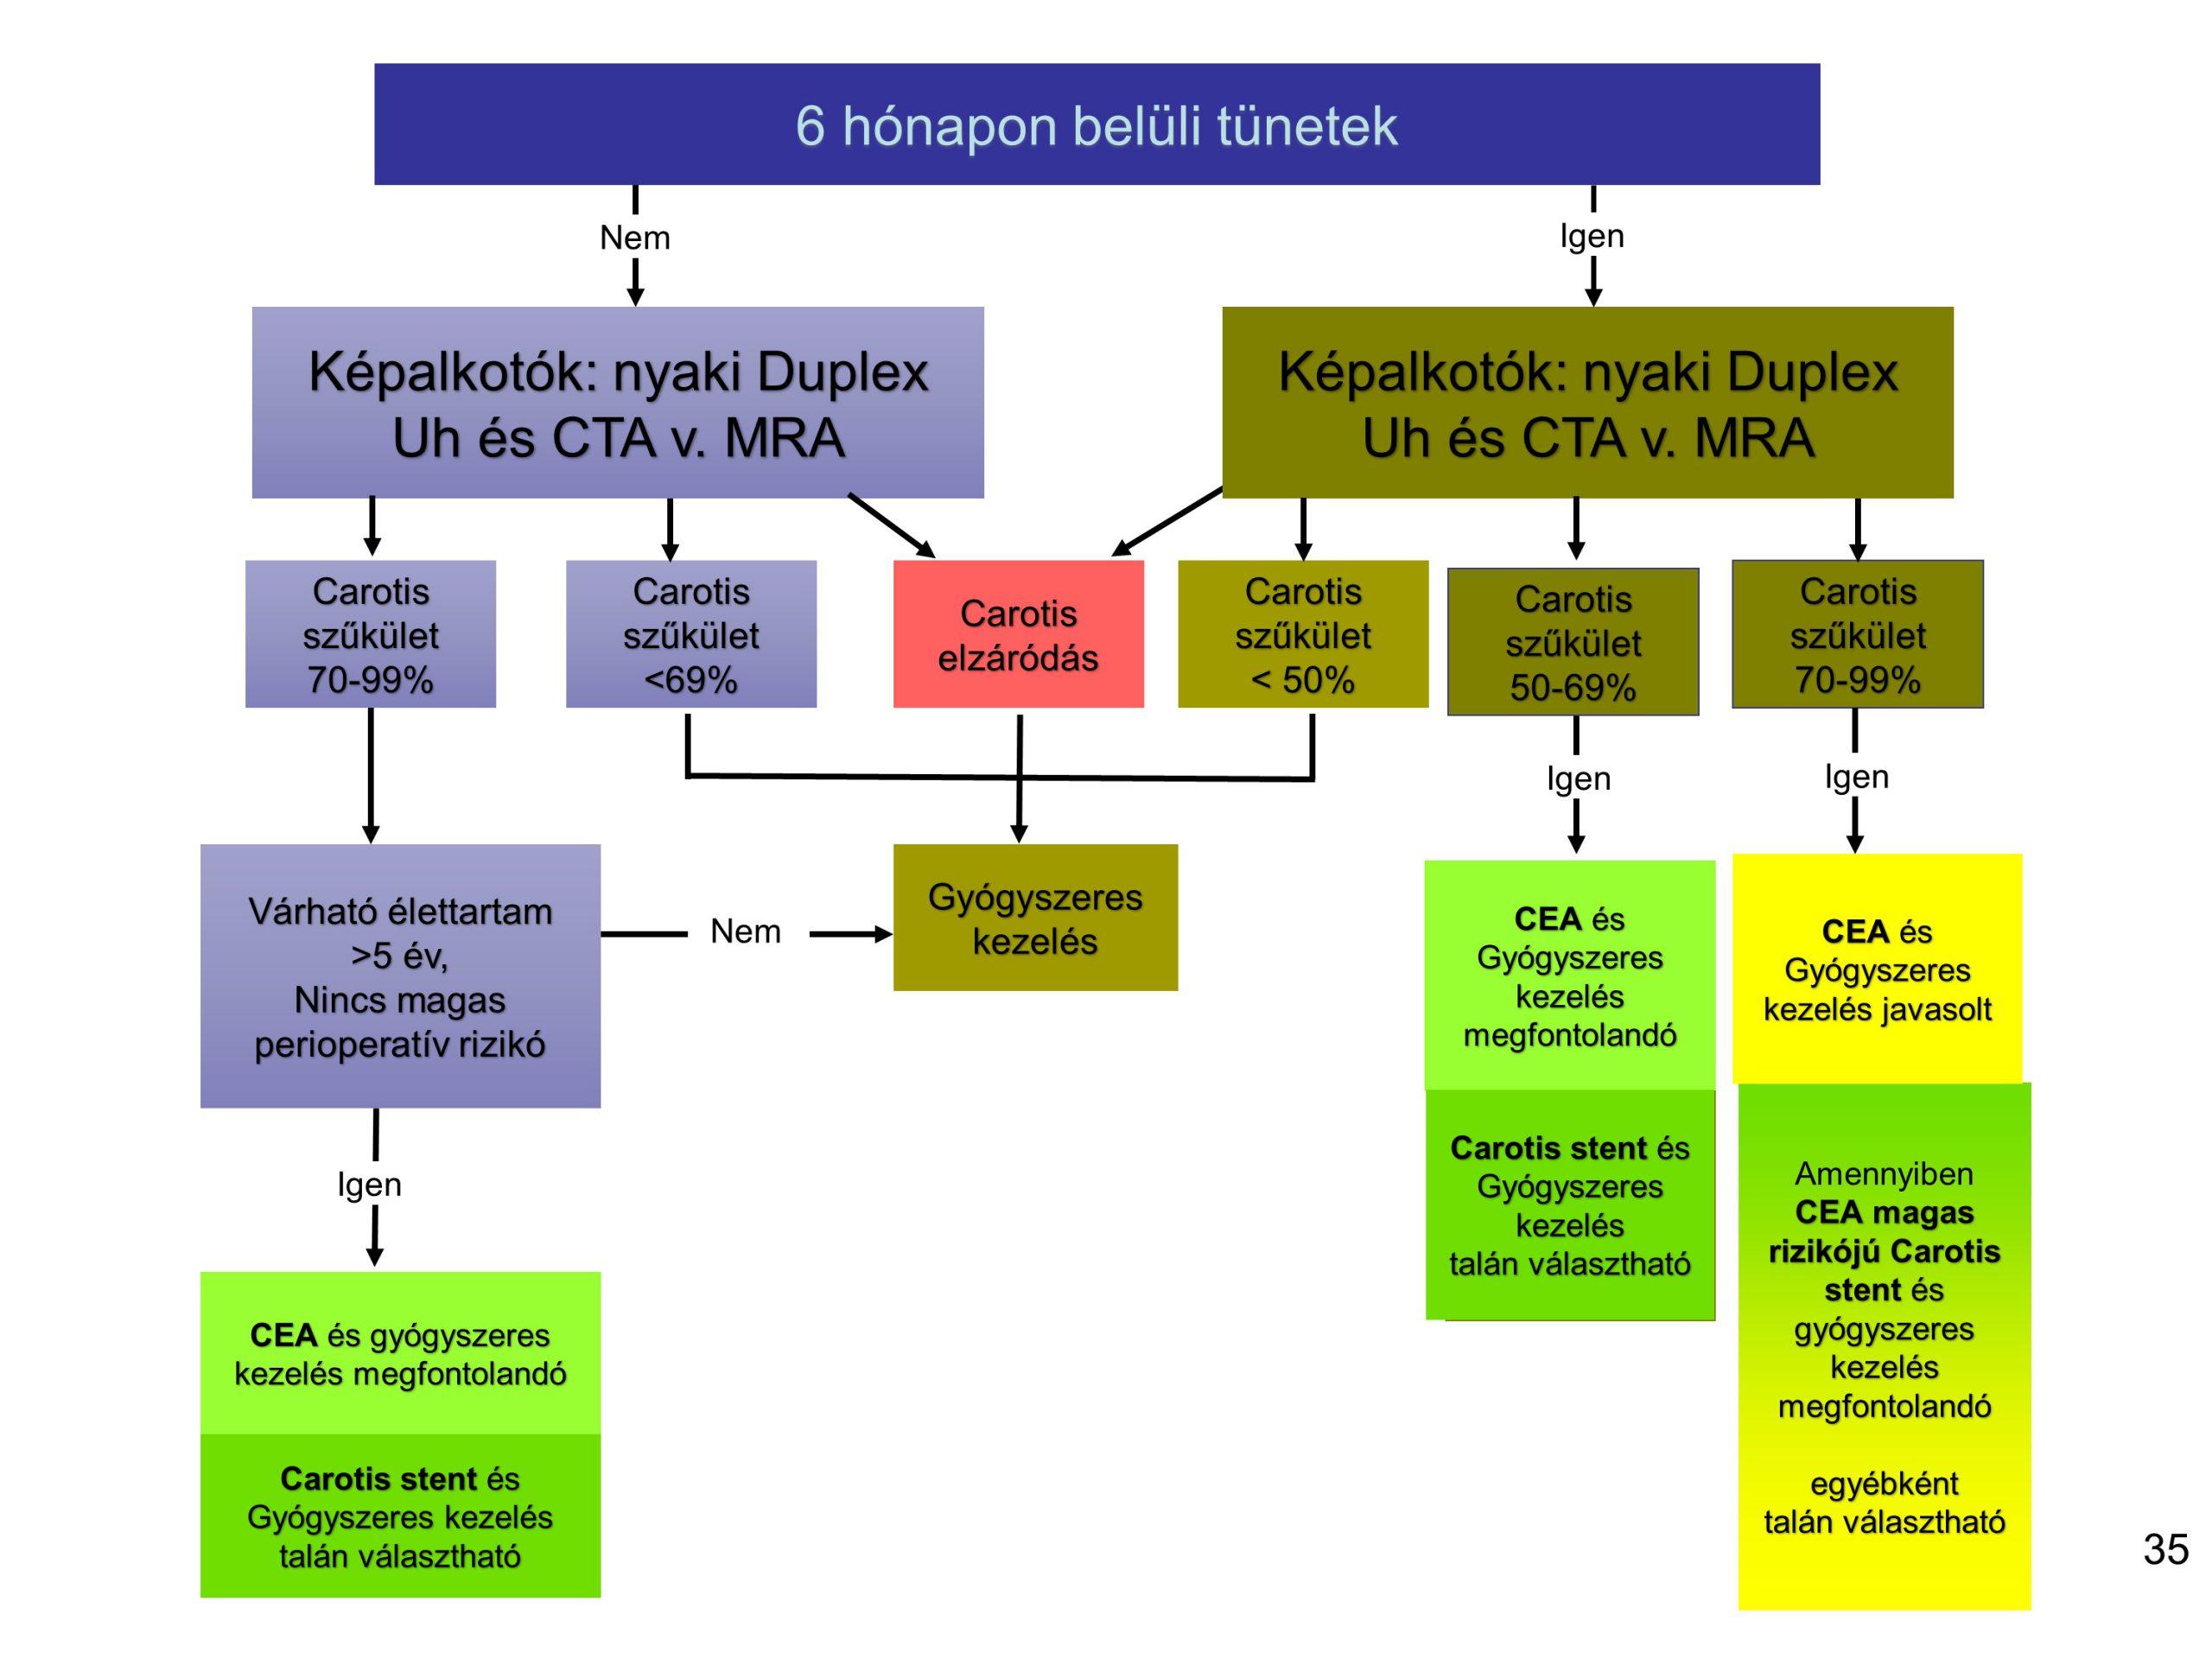 neuropatológus és magas vérnyomás)